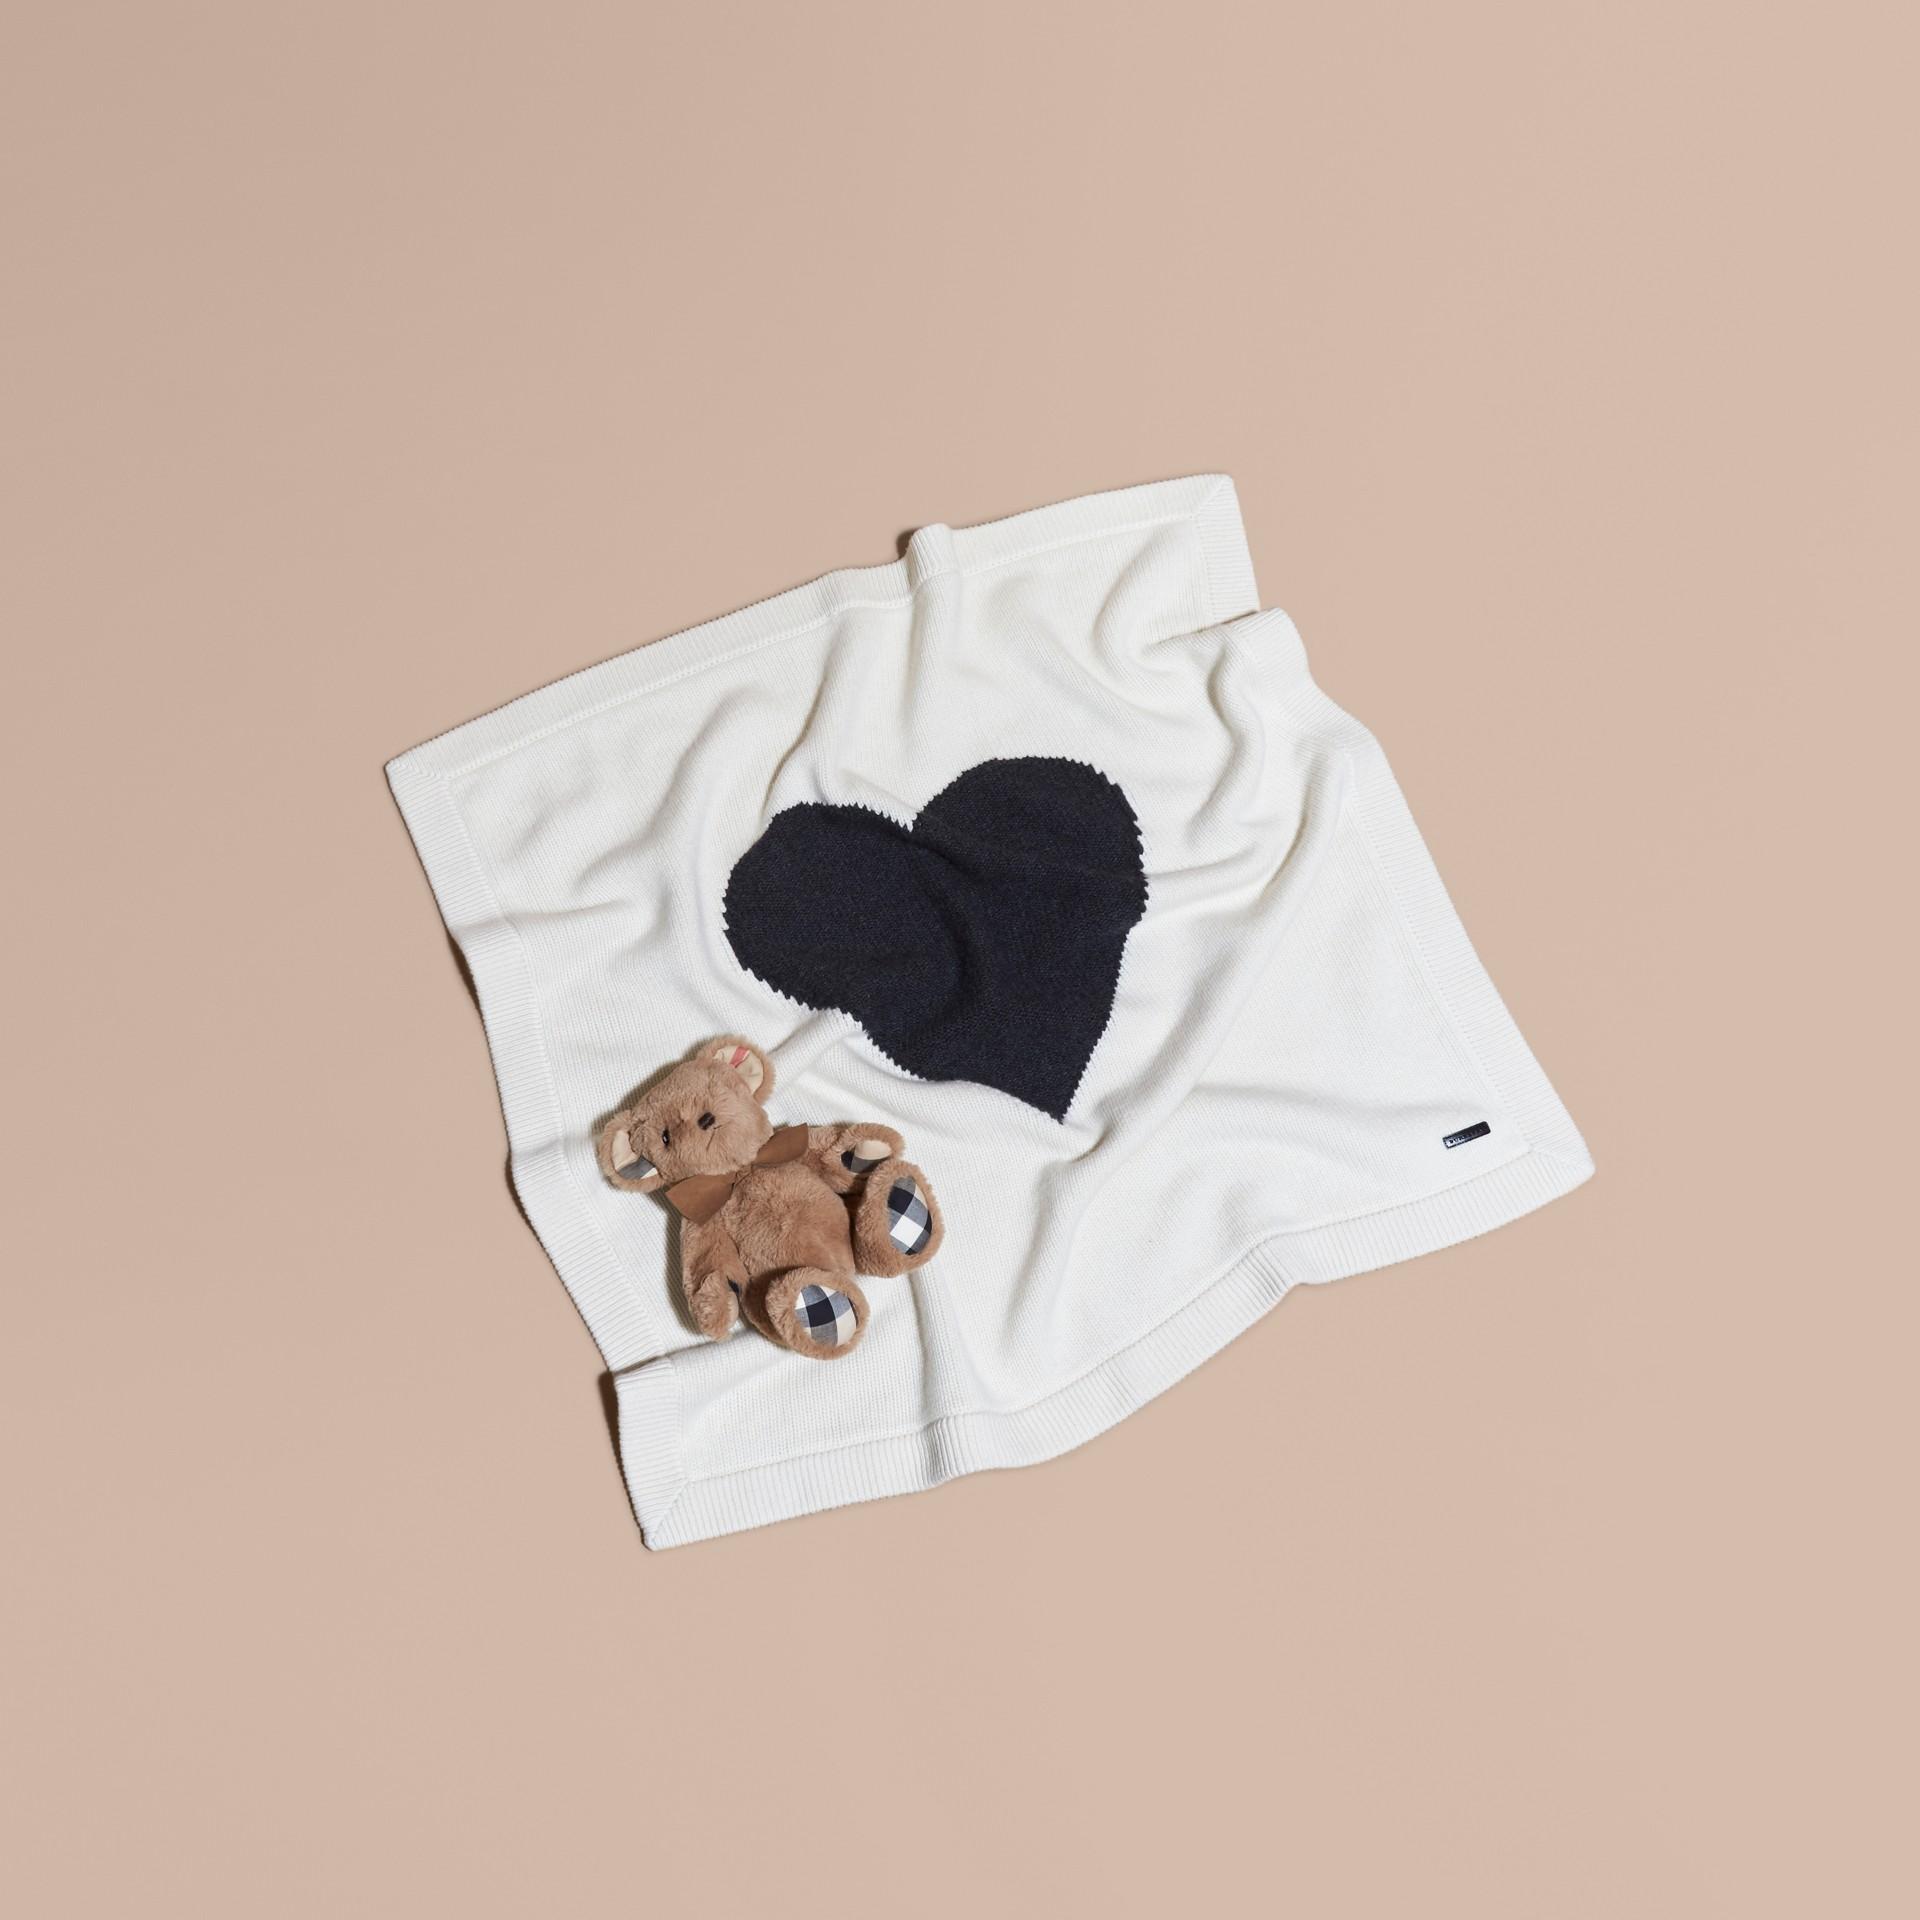 Blanc naturel Couverture pour bébé en cachemire avec motif à cœur en intarsia - photo de la galerie 1